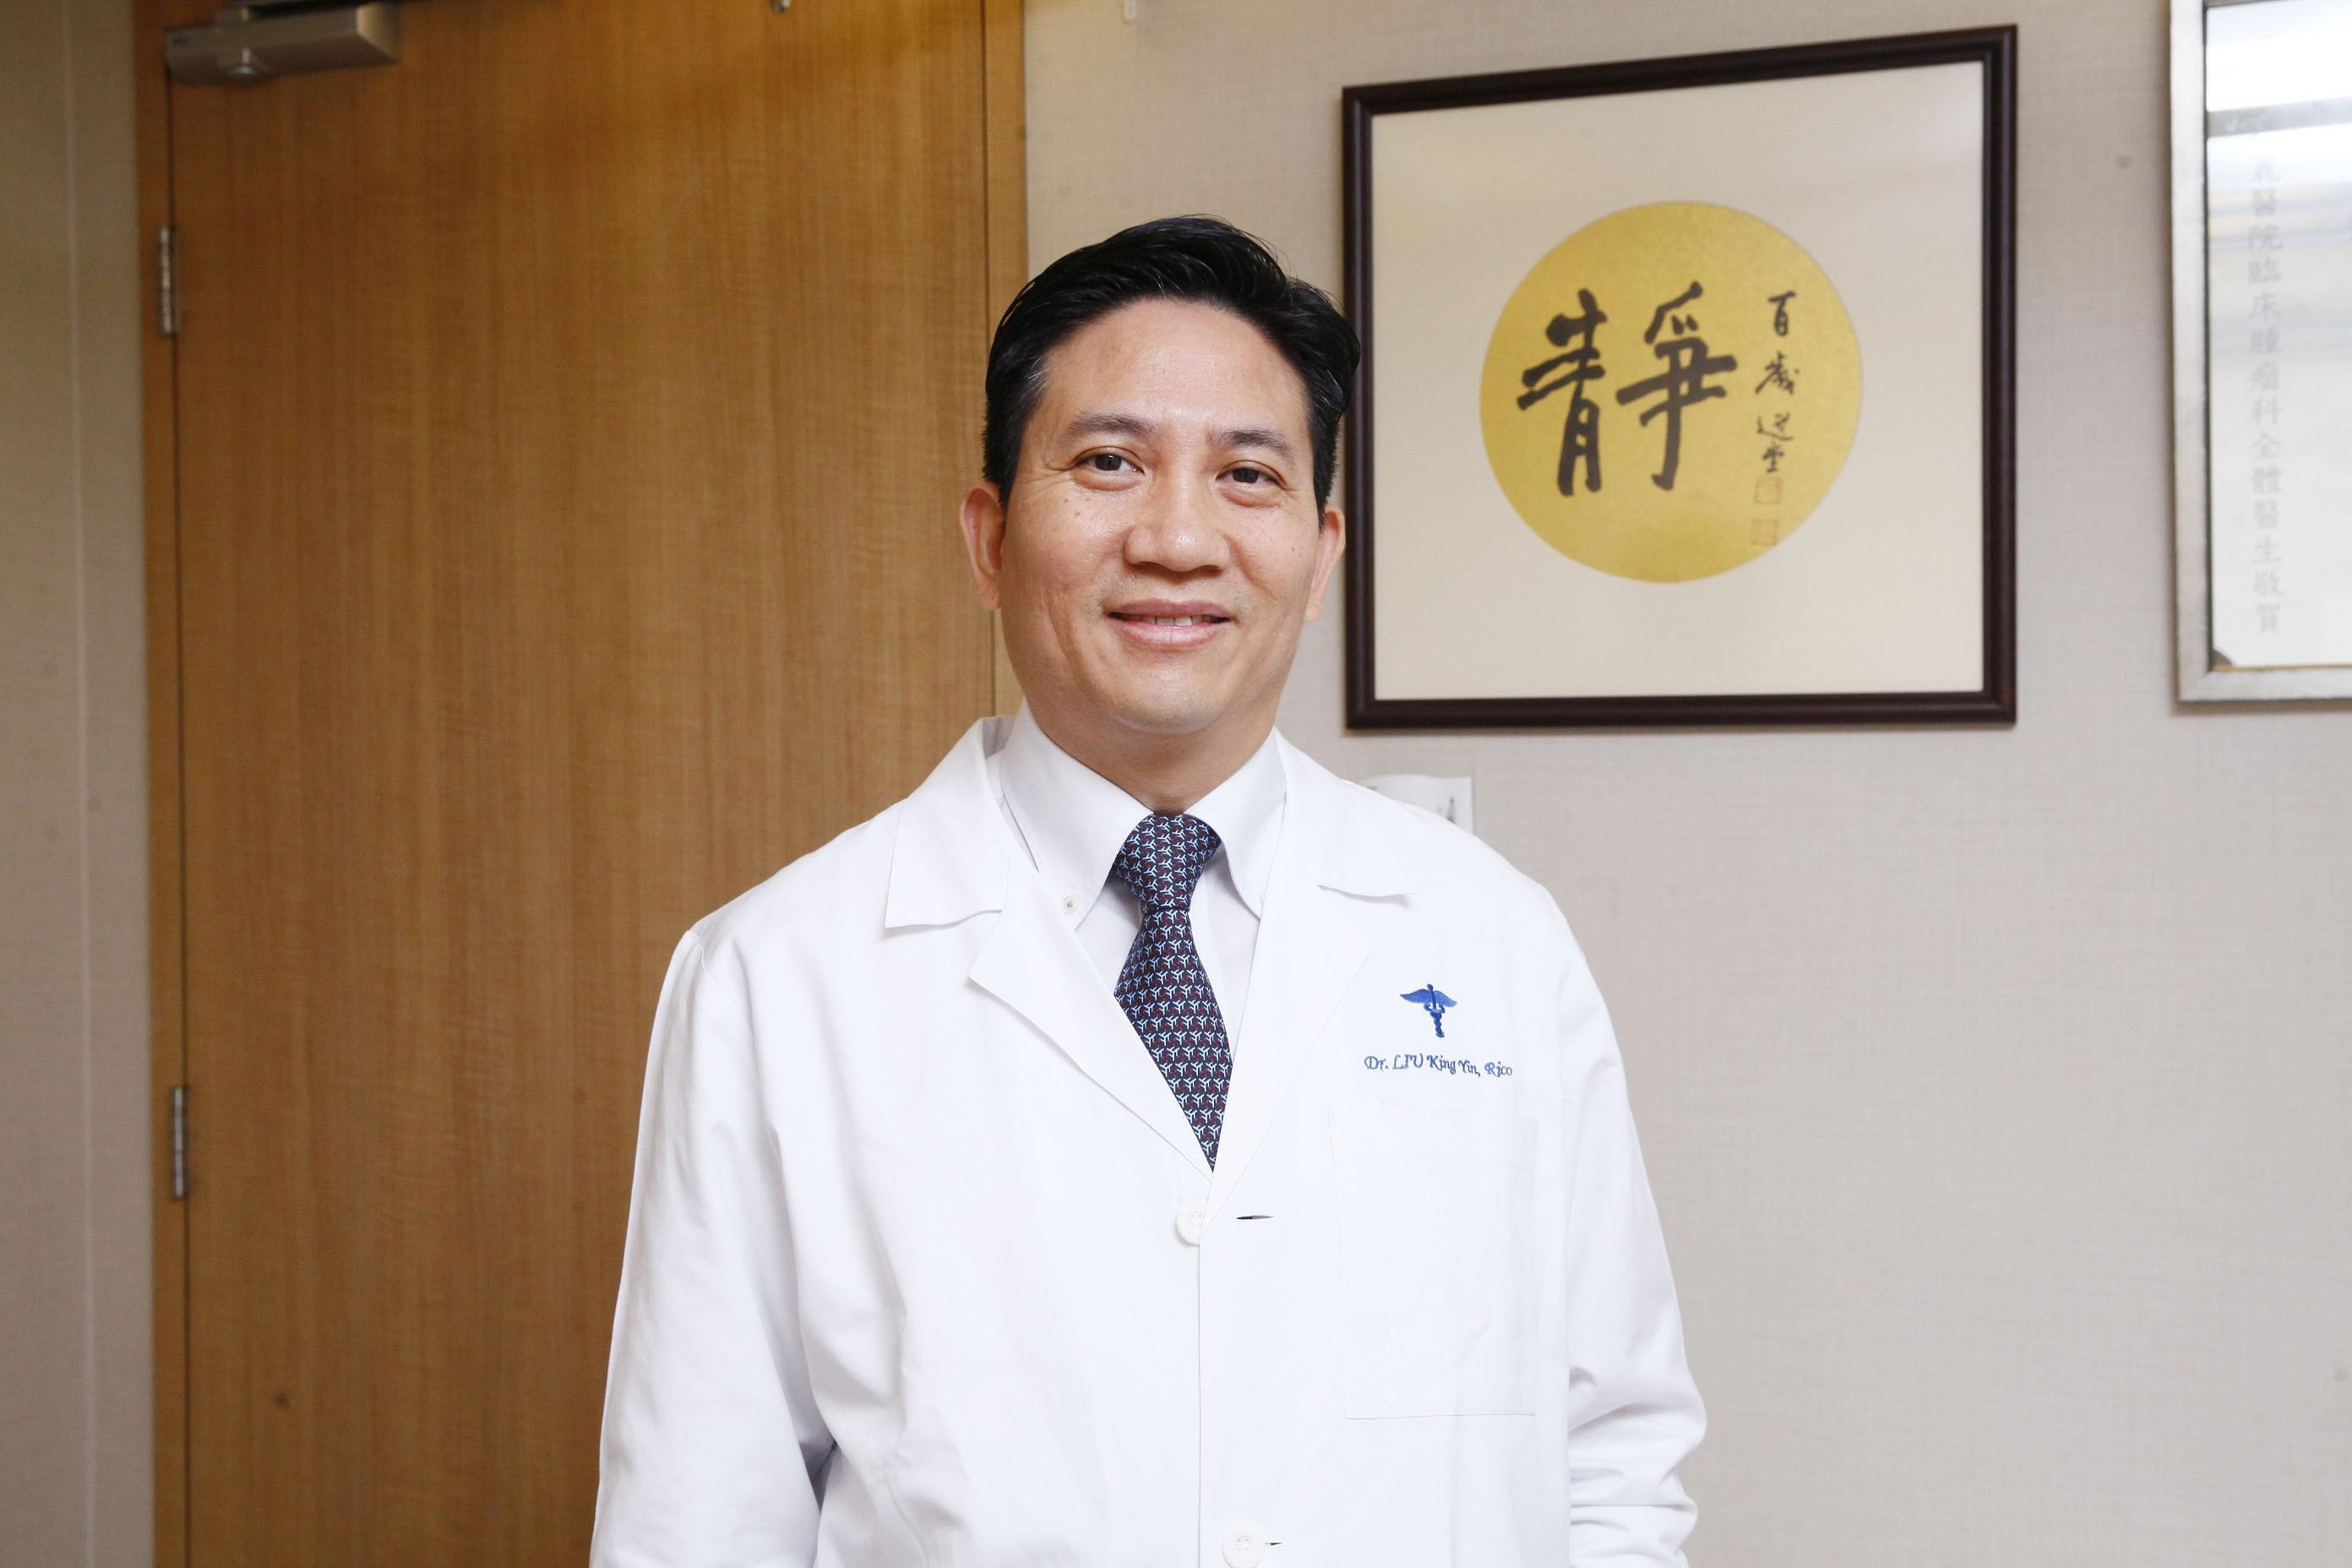 【了解腸癌】預防大腸癌 從生活飲食習慣入手